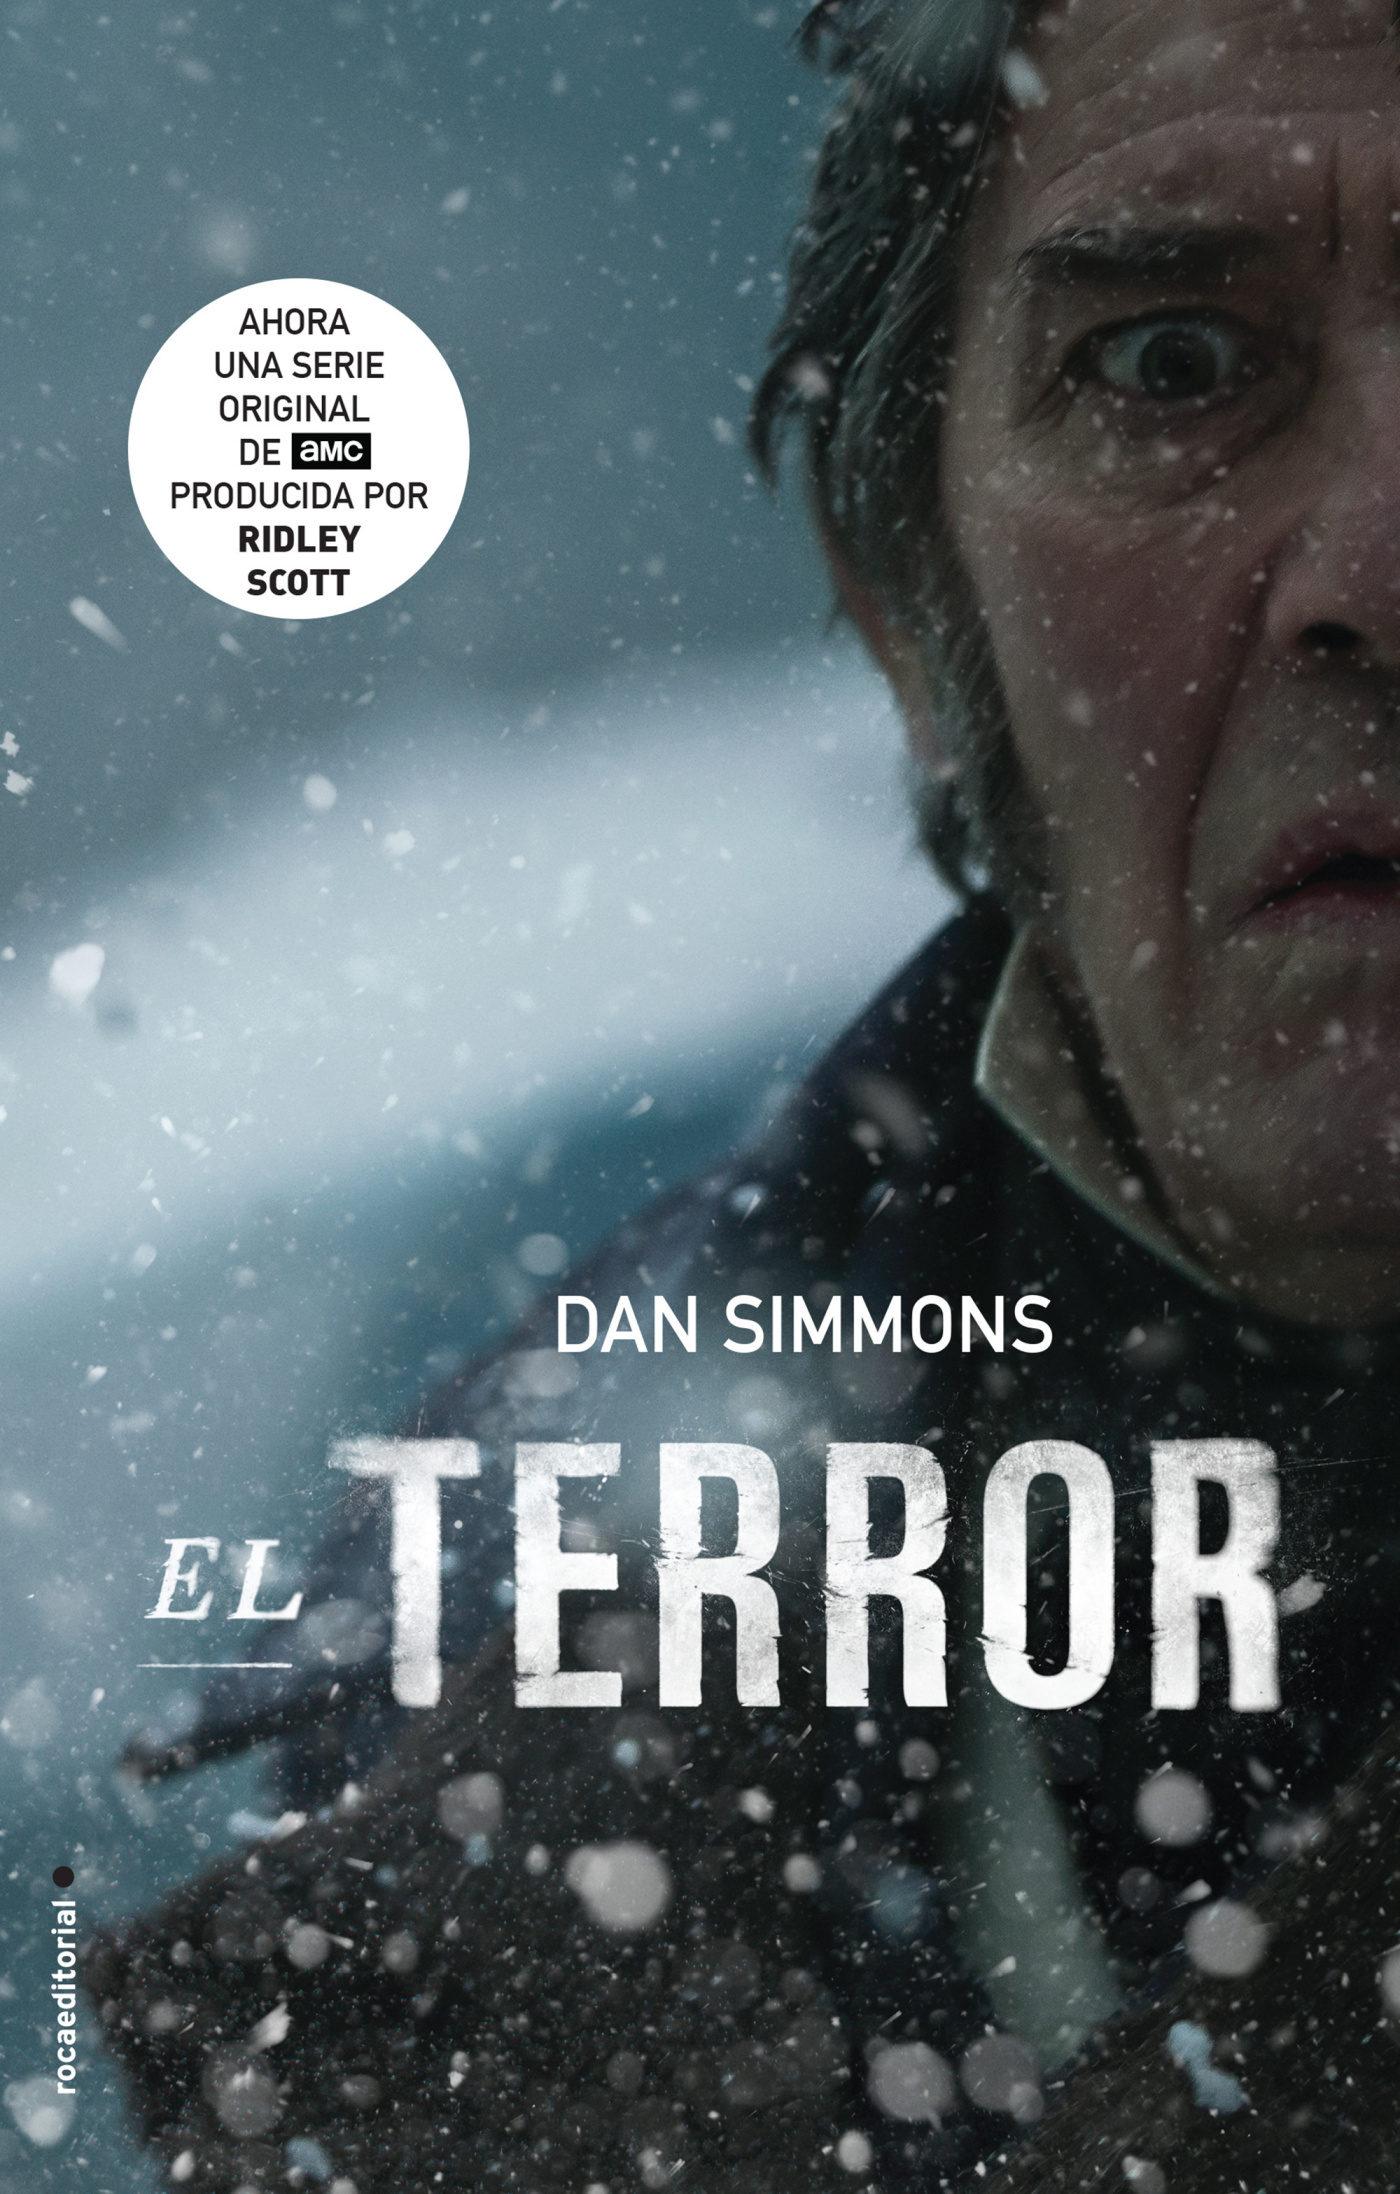 el terror-dan simmons-9788416867721